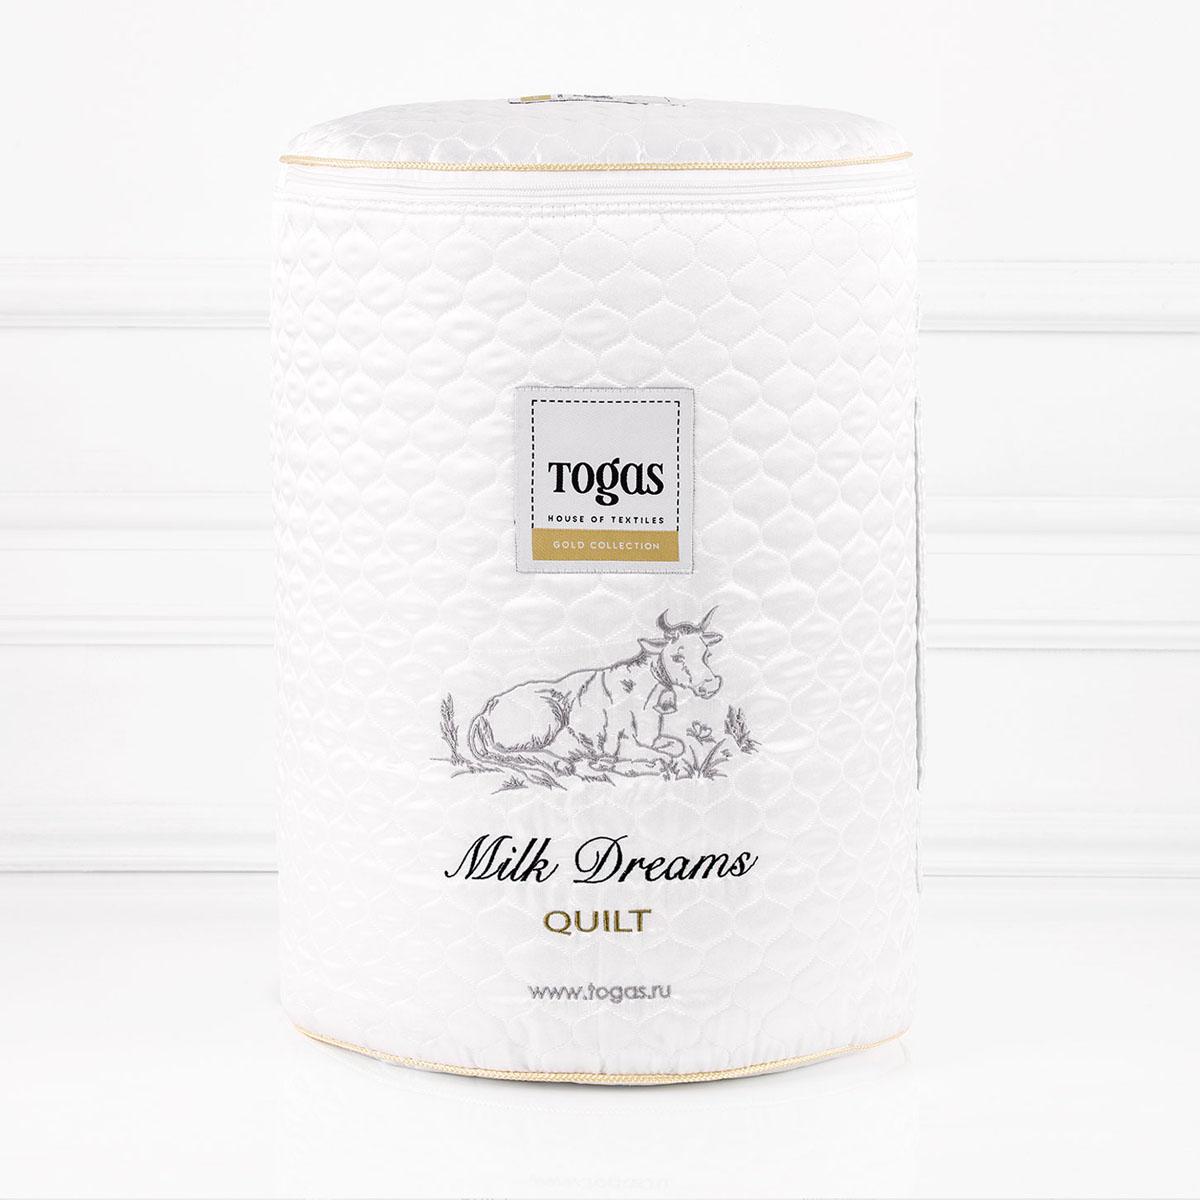 Милк Дримс одеяло 200х210 вес: 200гр/м220.04.16.0096Состав: чехол - 100% модал-жаккард; наполнитель - молочное волокно, саше: запах лаванды. Степень тепла: всесезонное Детали: одеяло кассетное, классический крой, двойная отстрочка, окантовка фиолетовым шнуром, наполнитель - молочное волокно . Цвет: белый. Размер: 200x210. 1 предмет. Уход: Возможна сухая химическая чистка с использованием исключительно химических чистящих средств, содержащих углеводород, бензин, хлорный этилен или монофтортрихлорметан, либо щадящая стирка при температуре 40 °С. После стирки одеяло необходимо расположить на ровной горизонтальной поверхности и оставить до полного высыхания. Одеяло МИЛК ДРИМС. Молочные или белковые волокна - это текстильный наполнитель, который производят путем полимеризации белков казеина , входящих в состав молока. Они характеризуются своей мягкостью, отличными теплоизоляционными свойствами, а по показателям гигроскопичности даже превосходит шерсть. Белковые волокна считаются экологически чистыми и полезными для здоровья....